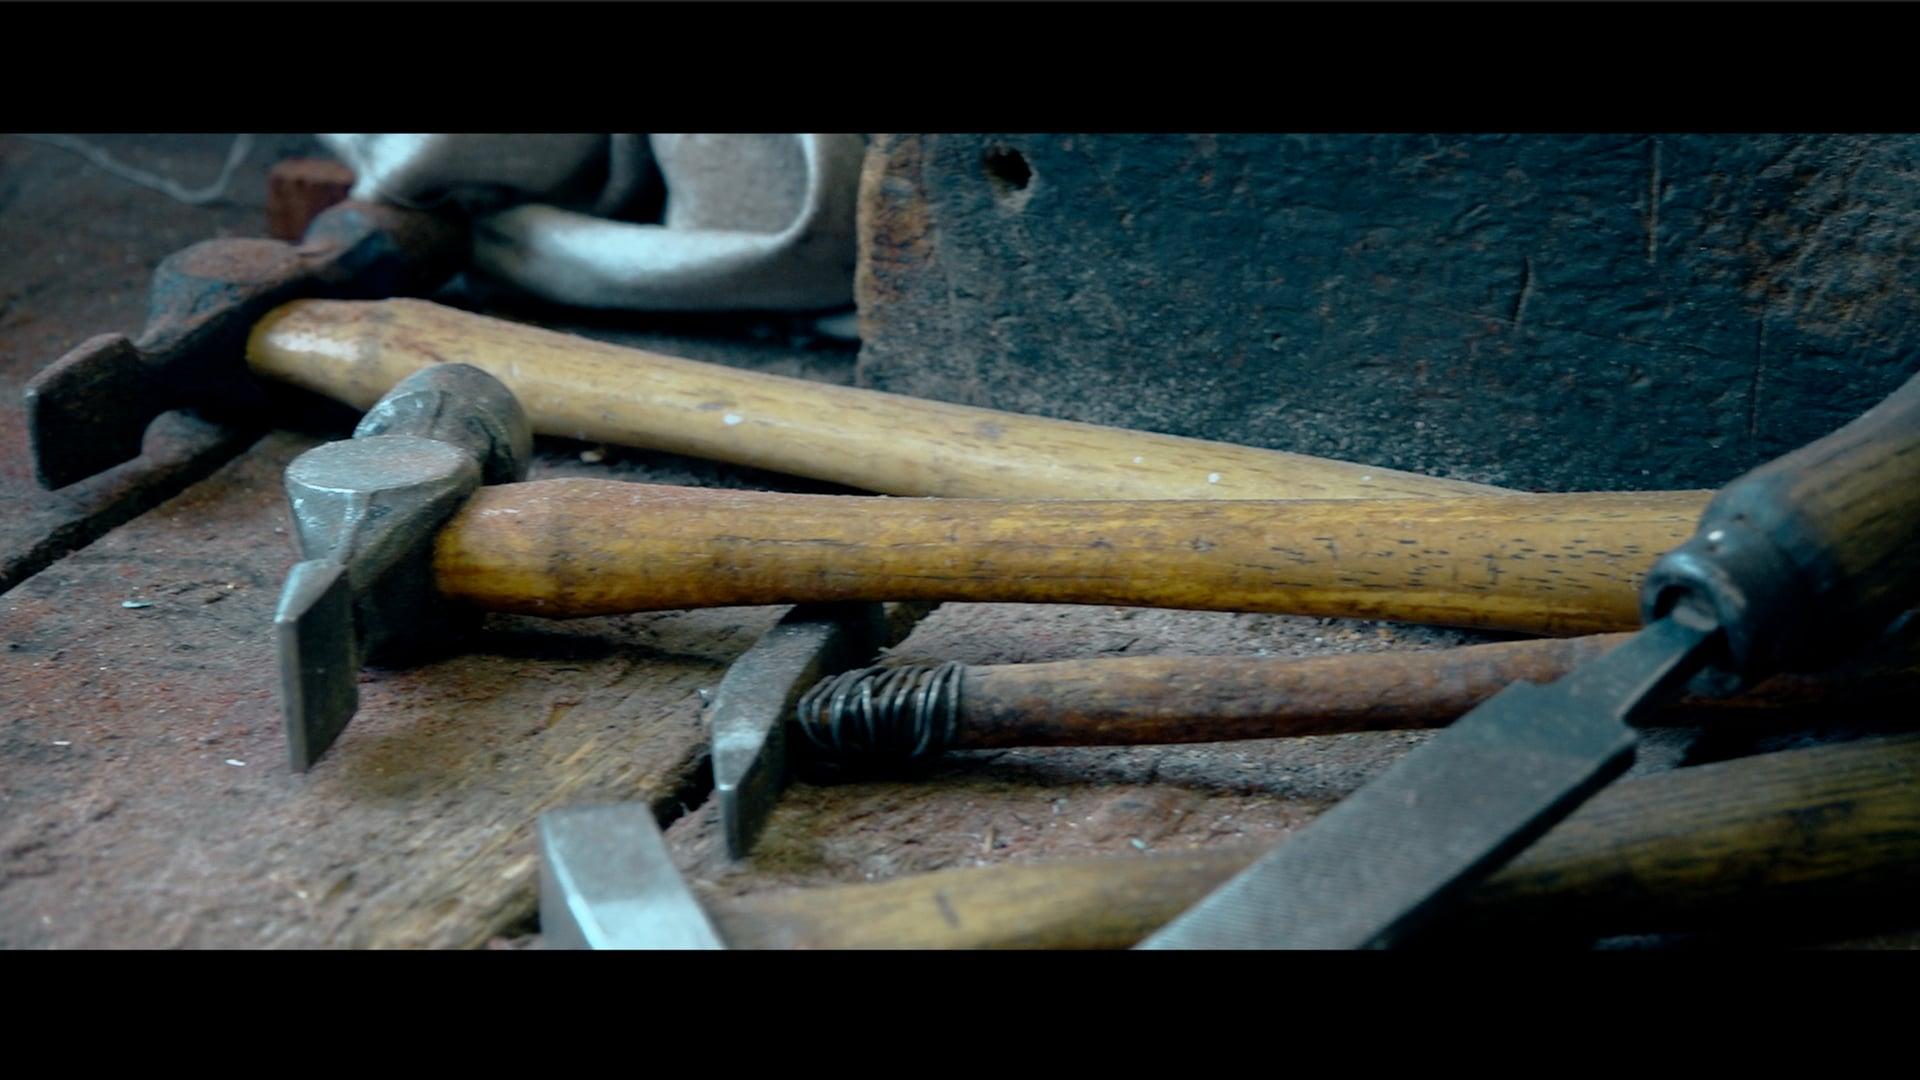 The Knifemaker